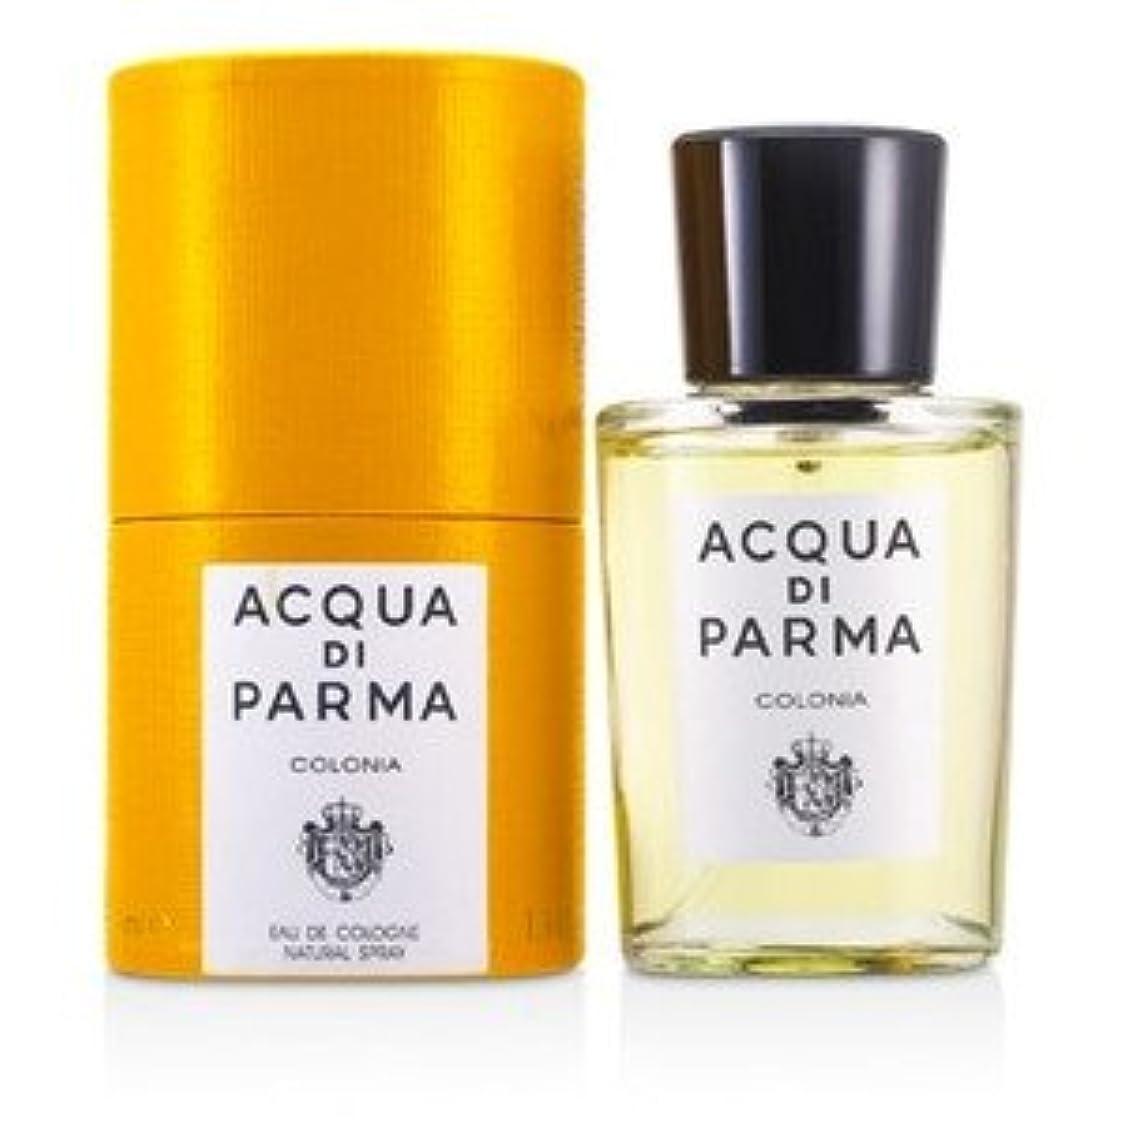 バルーンコマース遠いアクア ディ パルマ[Acqua Di Parma] アクア ディ パルマ コロニア オーデコロン スプレー 50ml/1.7oz [並行輸入品]